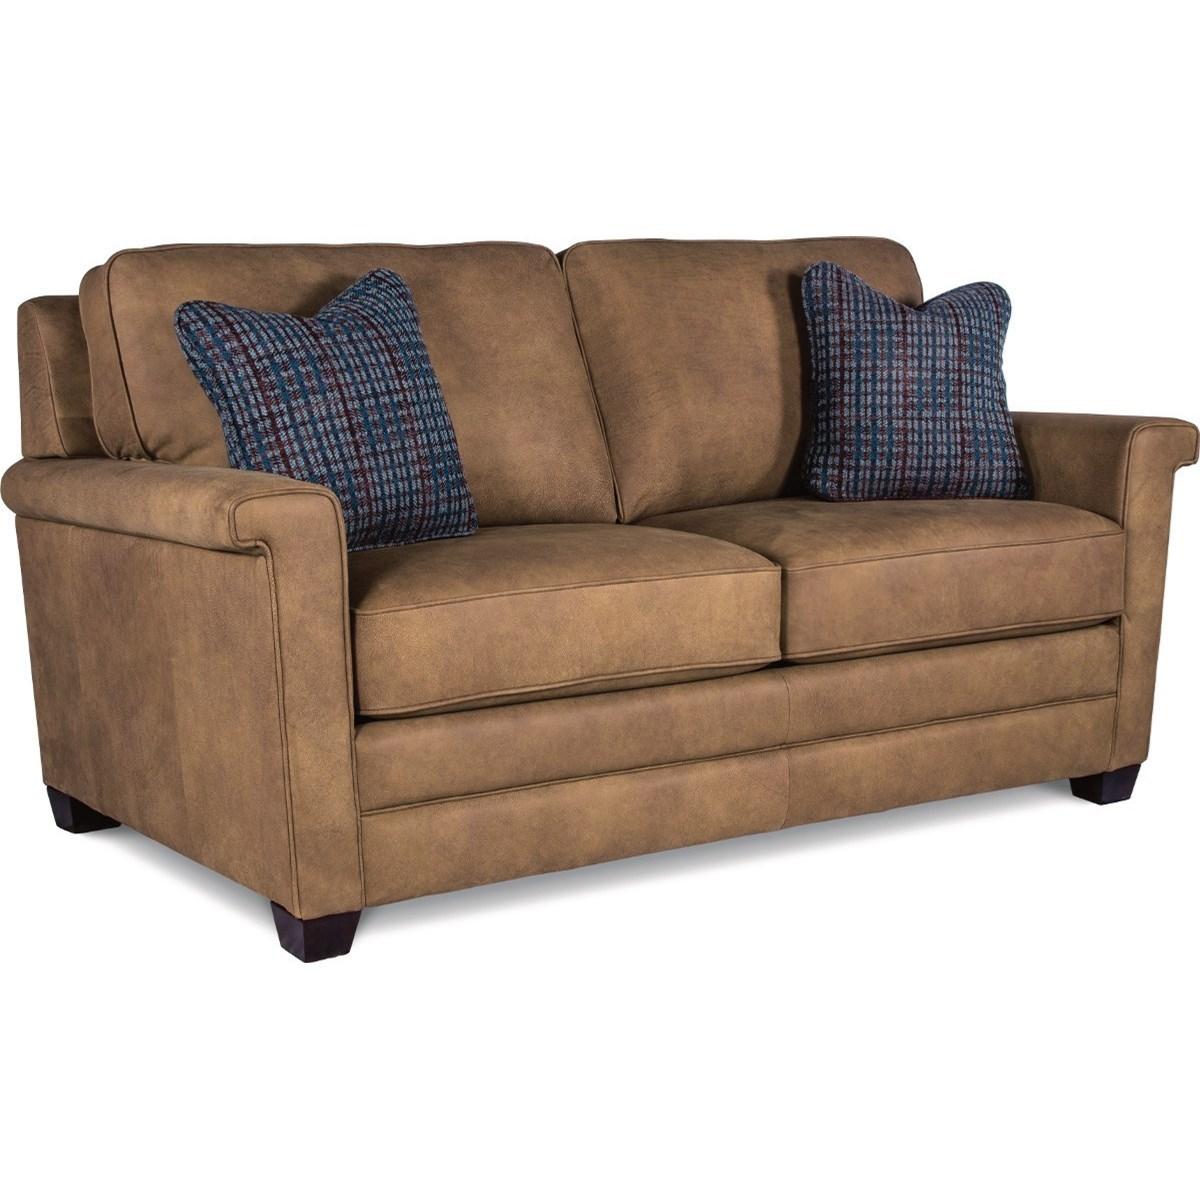 La Z Boy Bexley Contemporary Full Size Sleeper Sofa